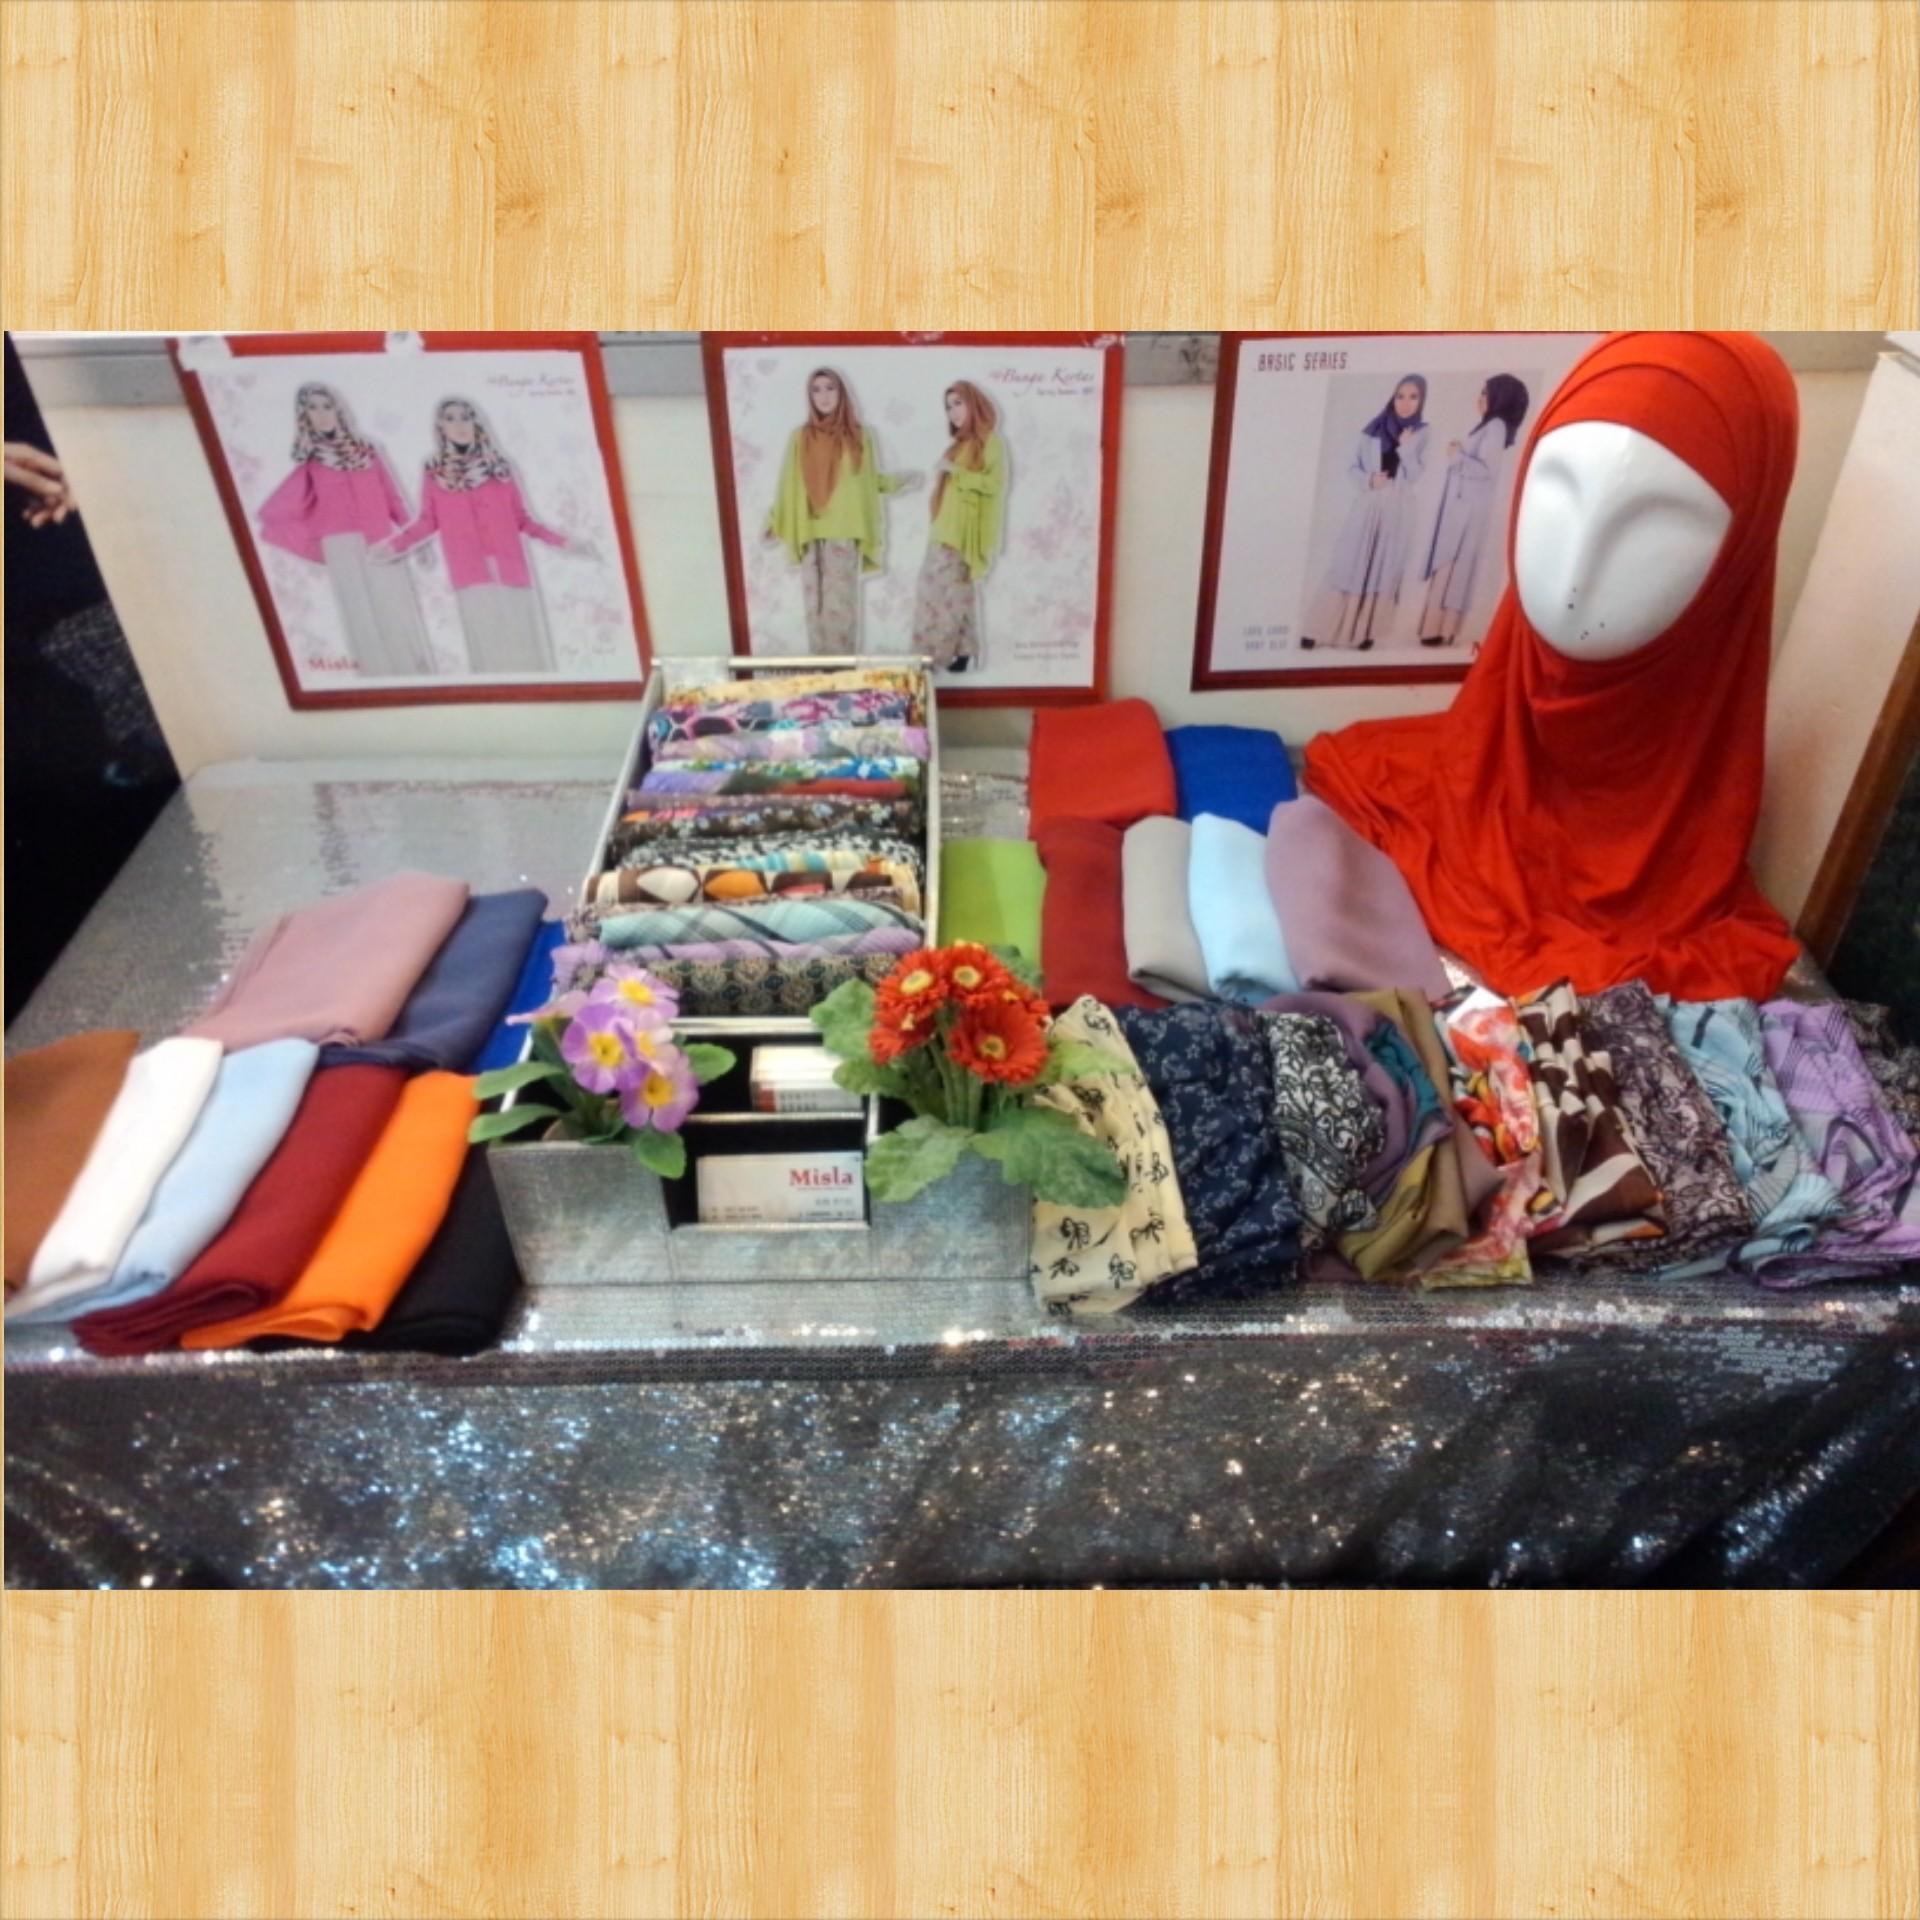 img_20140402_115525 MISLA at Bazaar Bapindo